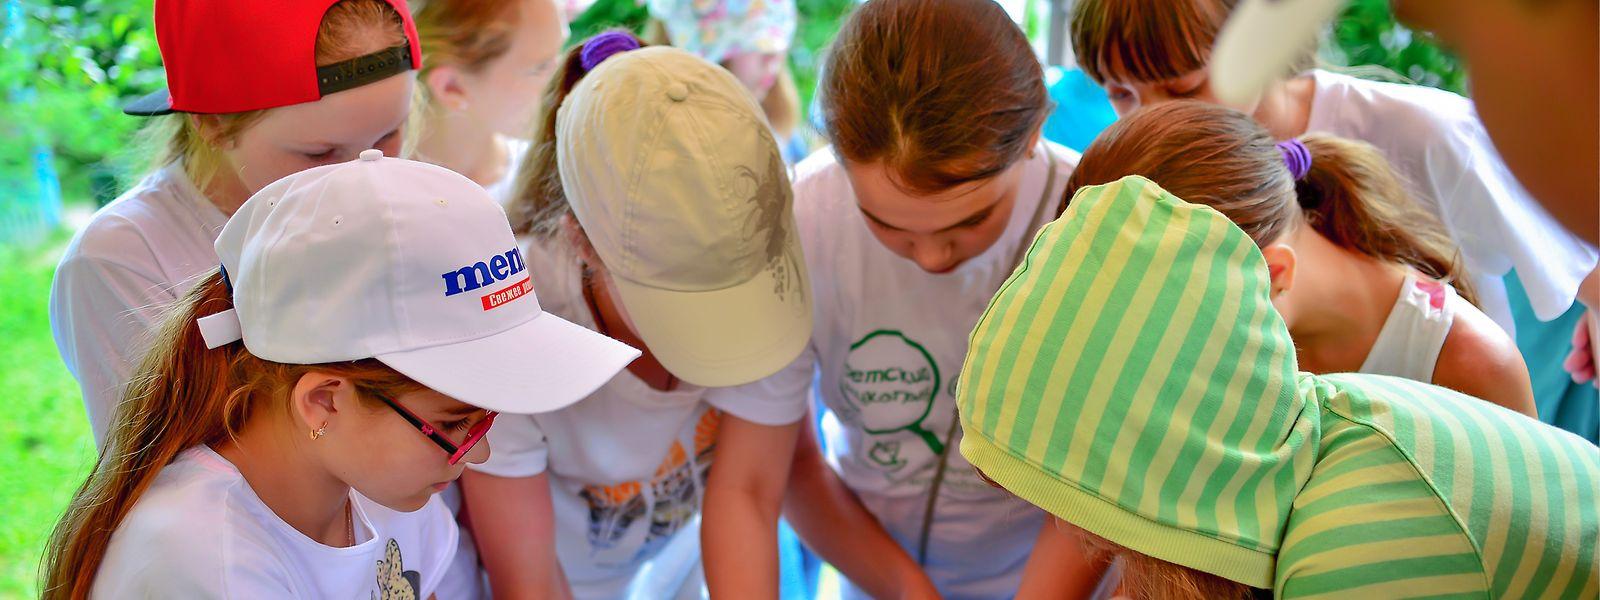 Die Teilnehmer werden während des Lagers nochmals in kleinere Gruppen eingeteilt.